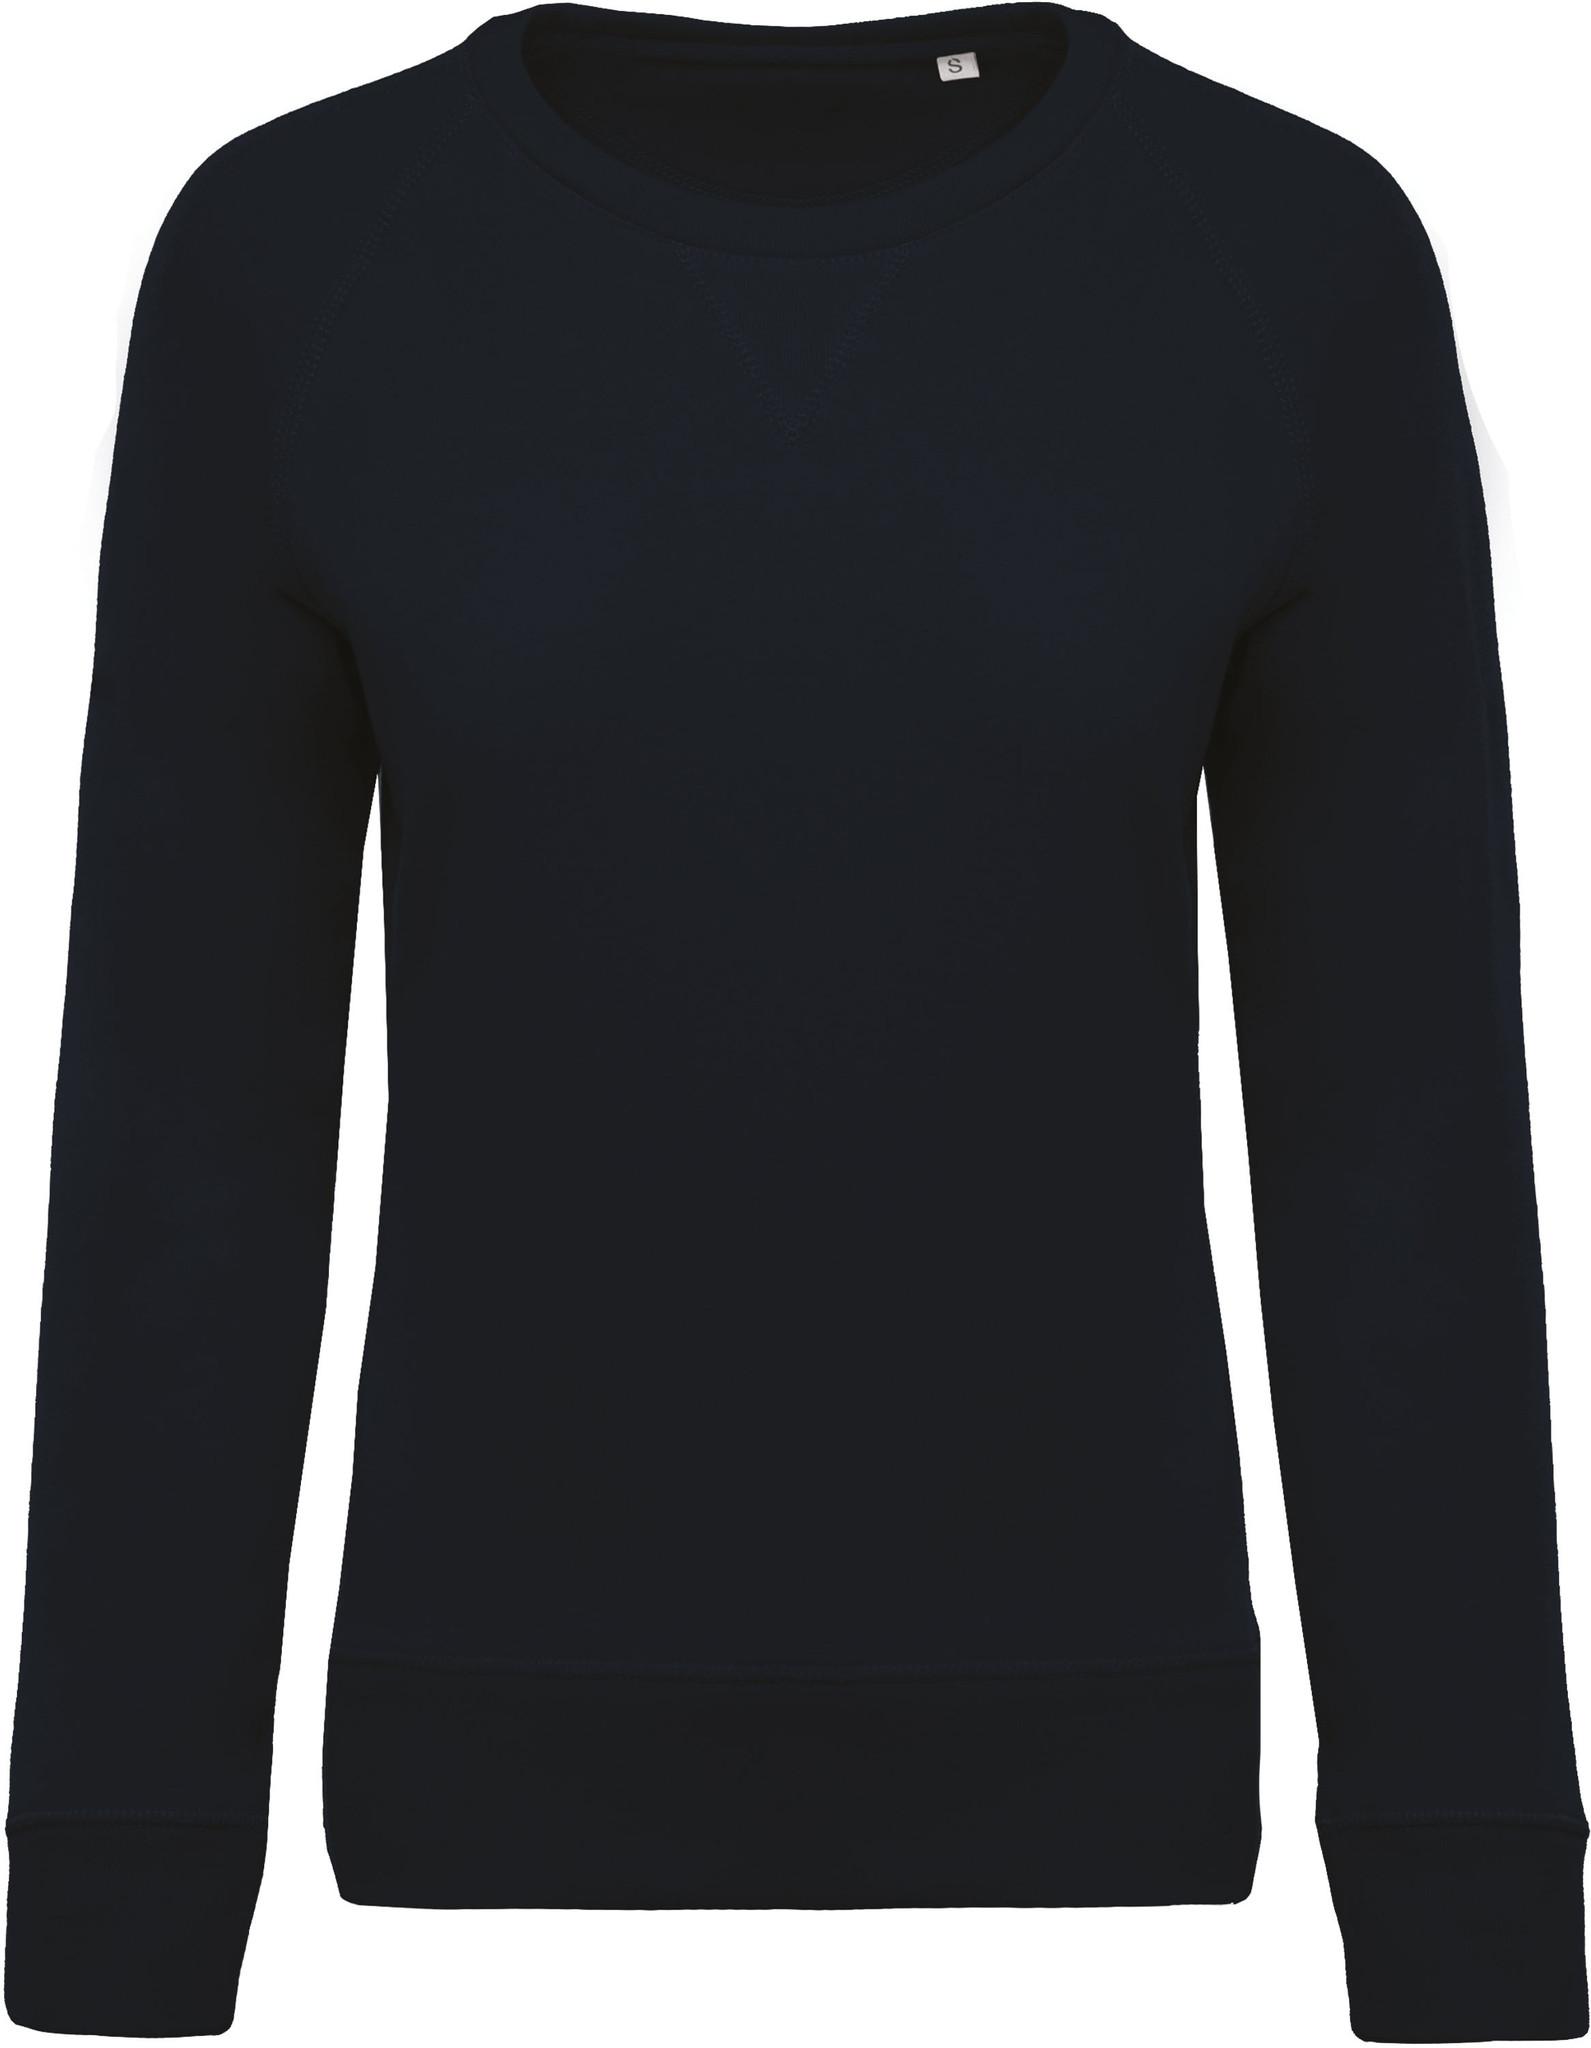 Kariban Kariban - Crewneck Bio Sweater - Dames